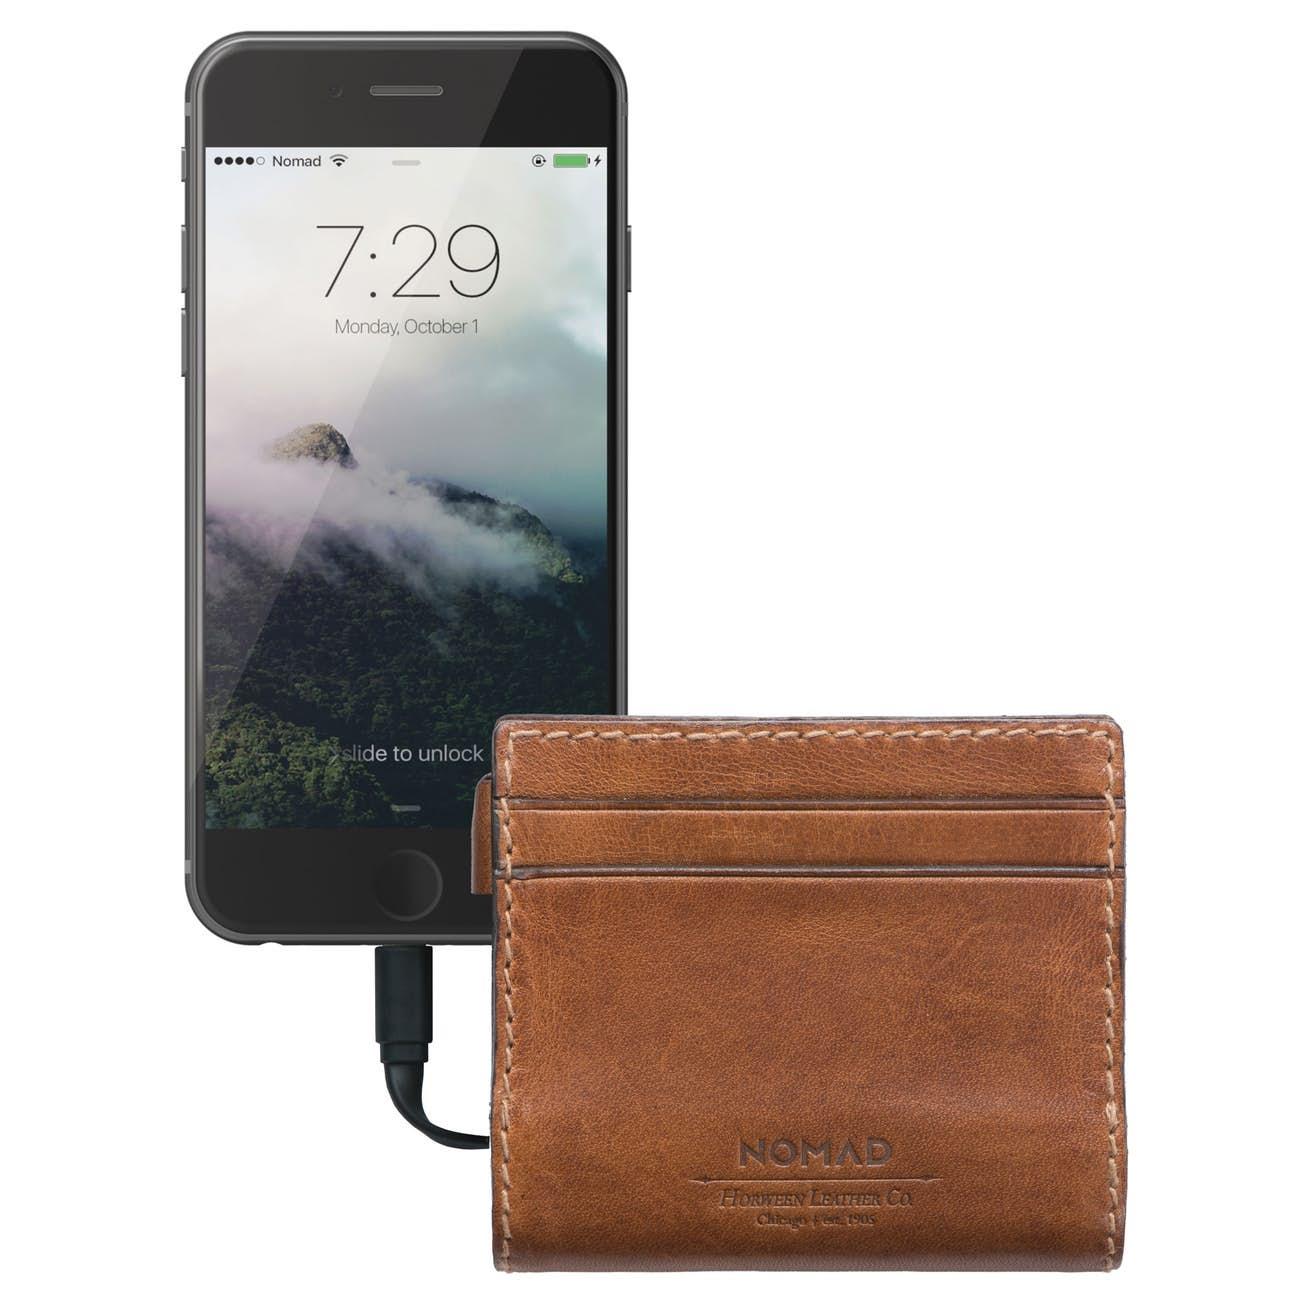 Nomad Slim Charging Wallet Front